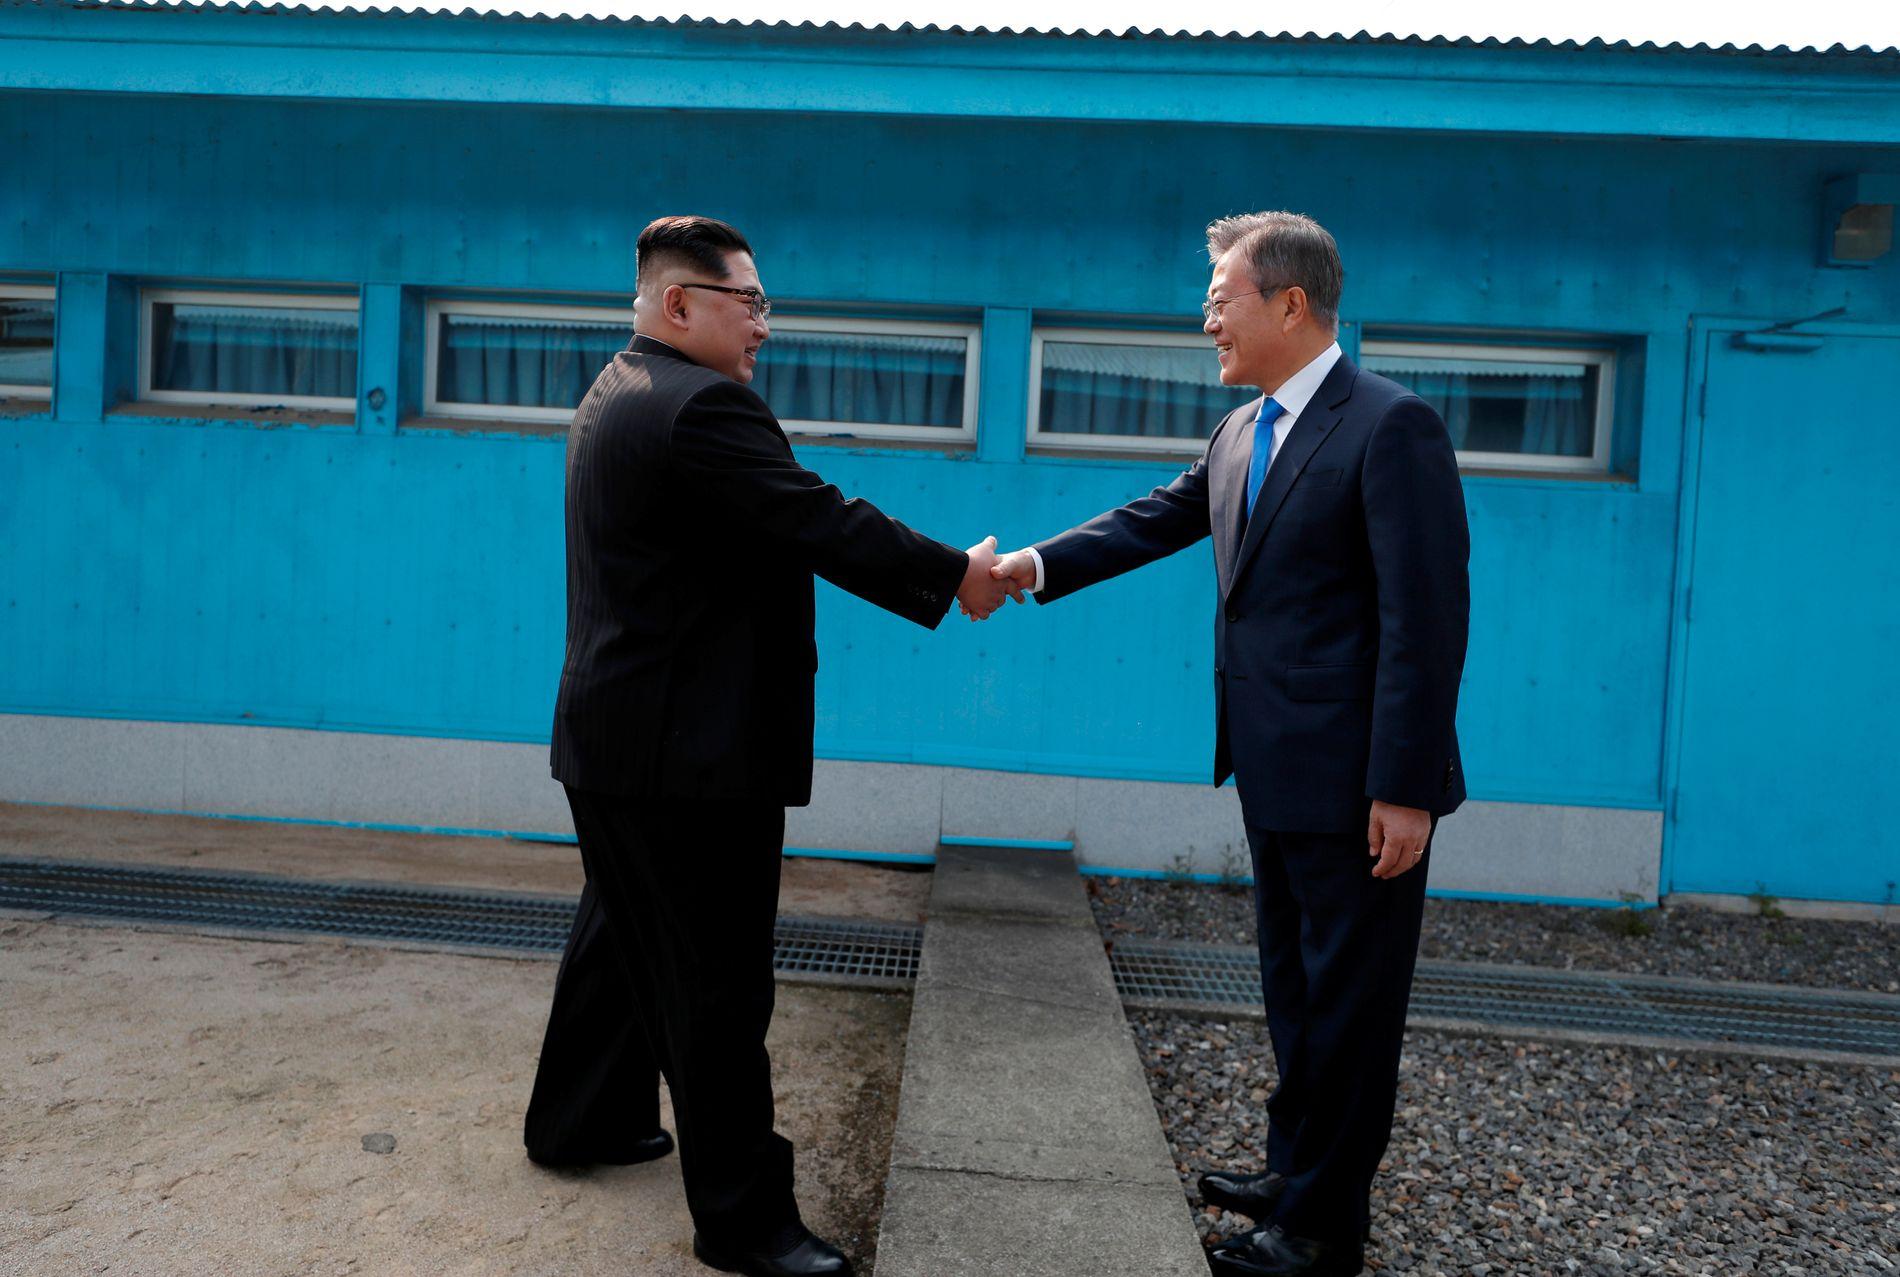 HISTORISK: Kim Jong-un, til venstre, håndhilser på president Moon Jae-in i grenselandsbyen Panmunjom.